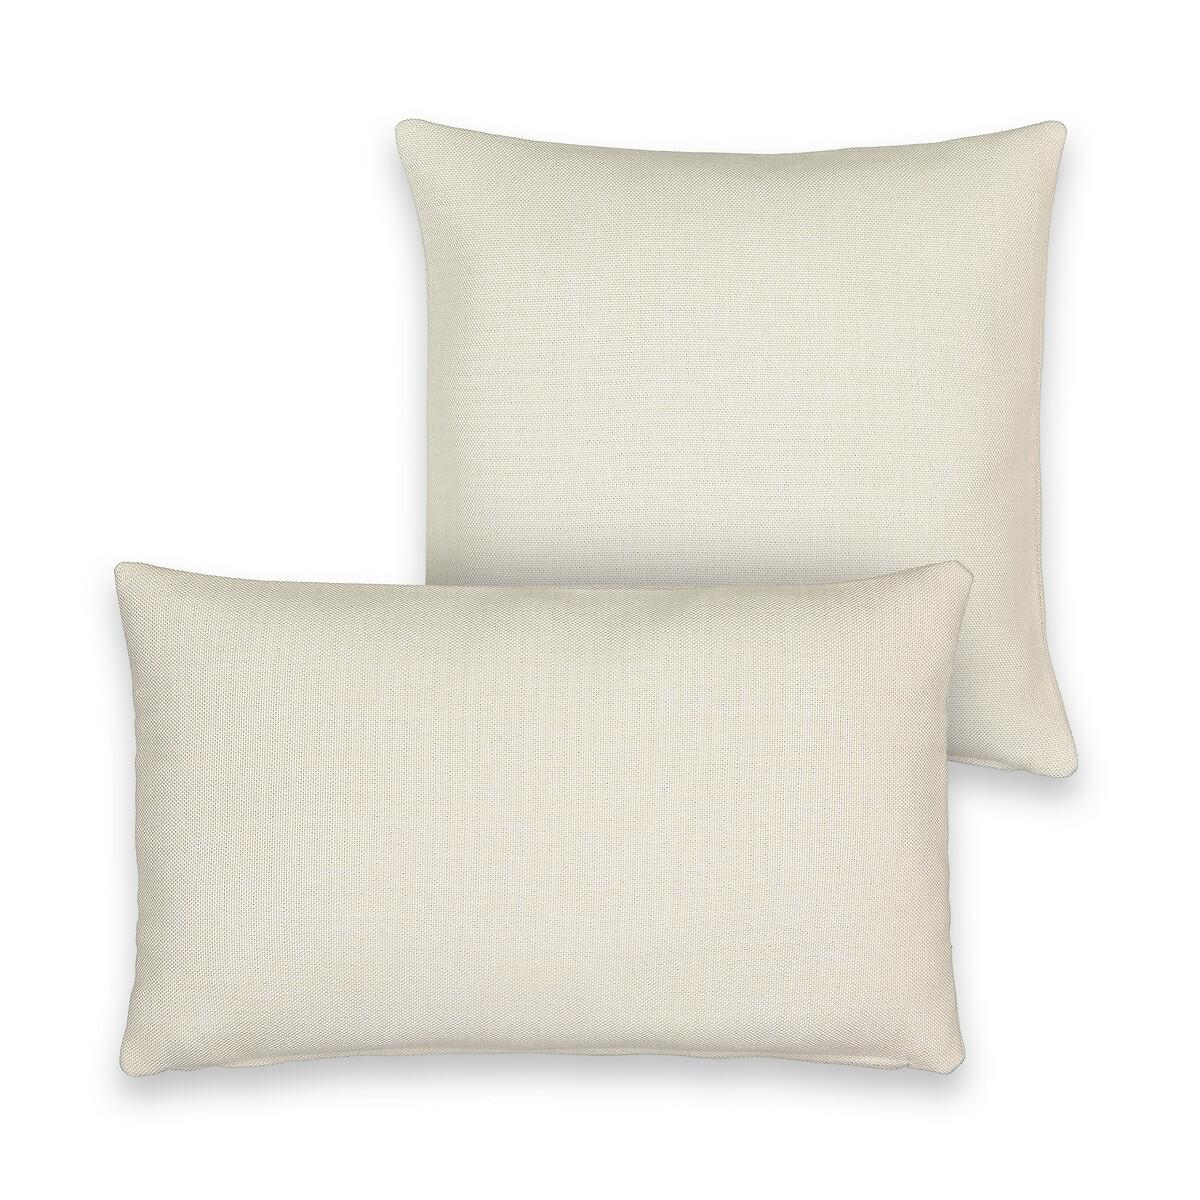 Чехол LaRedoute На подушку из 100 полиэстера Exurie 50 x 30 см белый